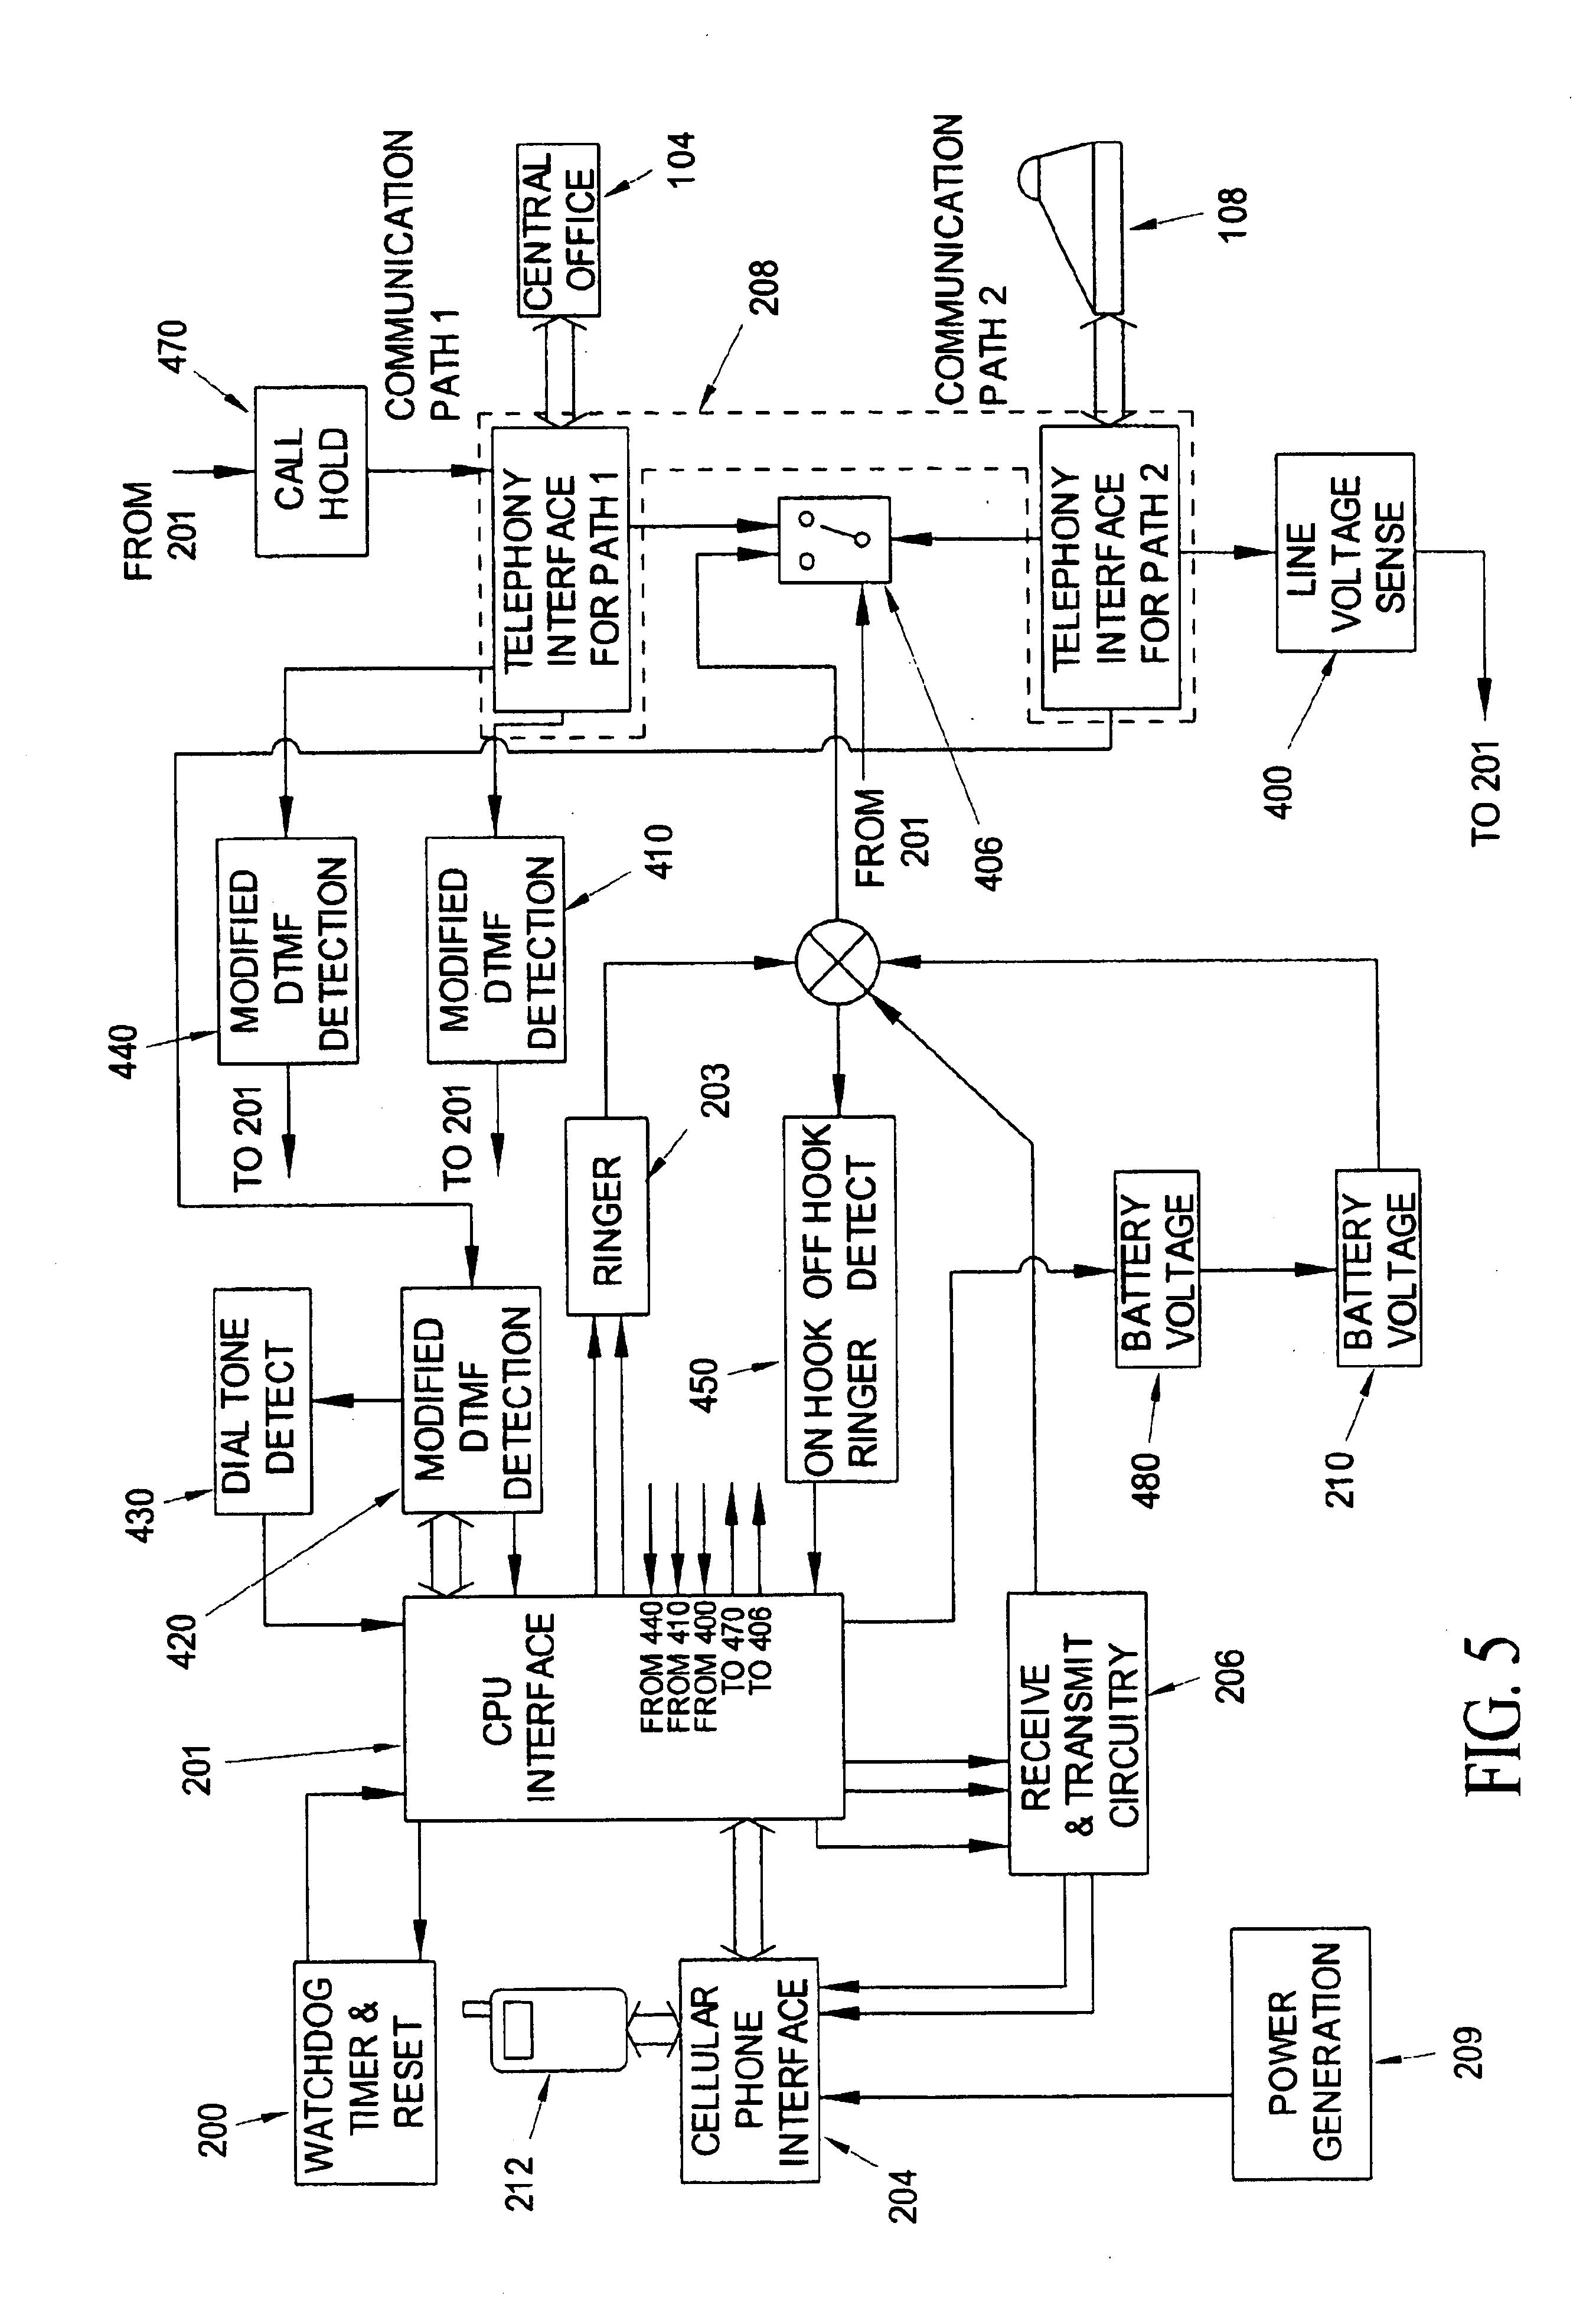 patent us6775522  landline interface